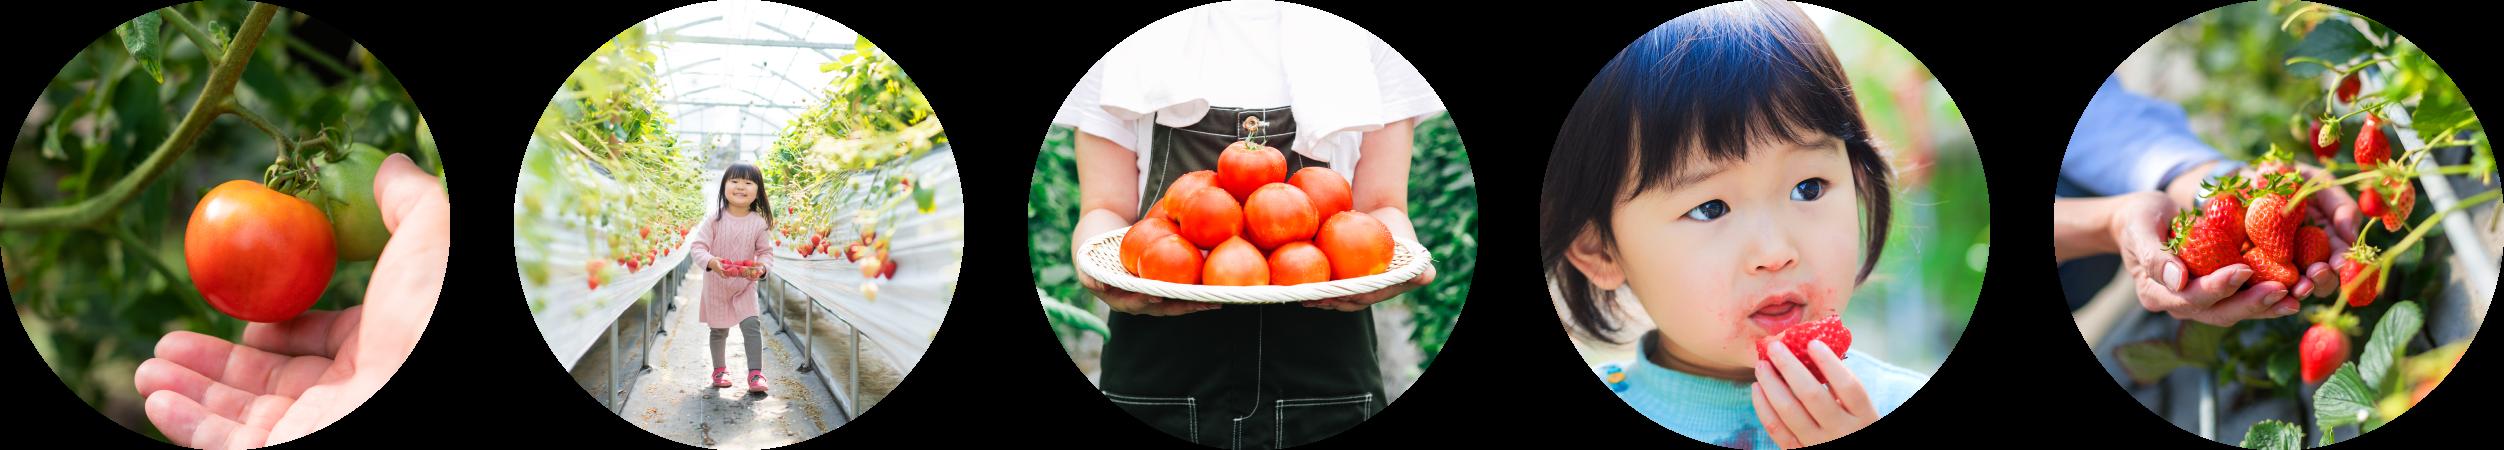 みつヴィレッジのいちご狩りやトマトの収穫体験写真